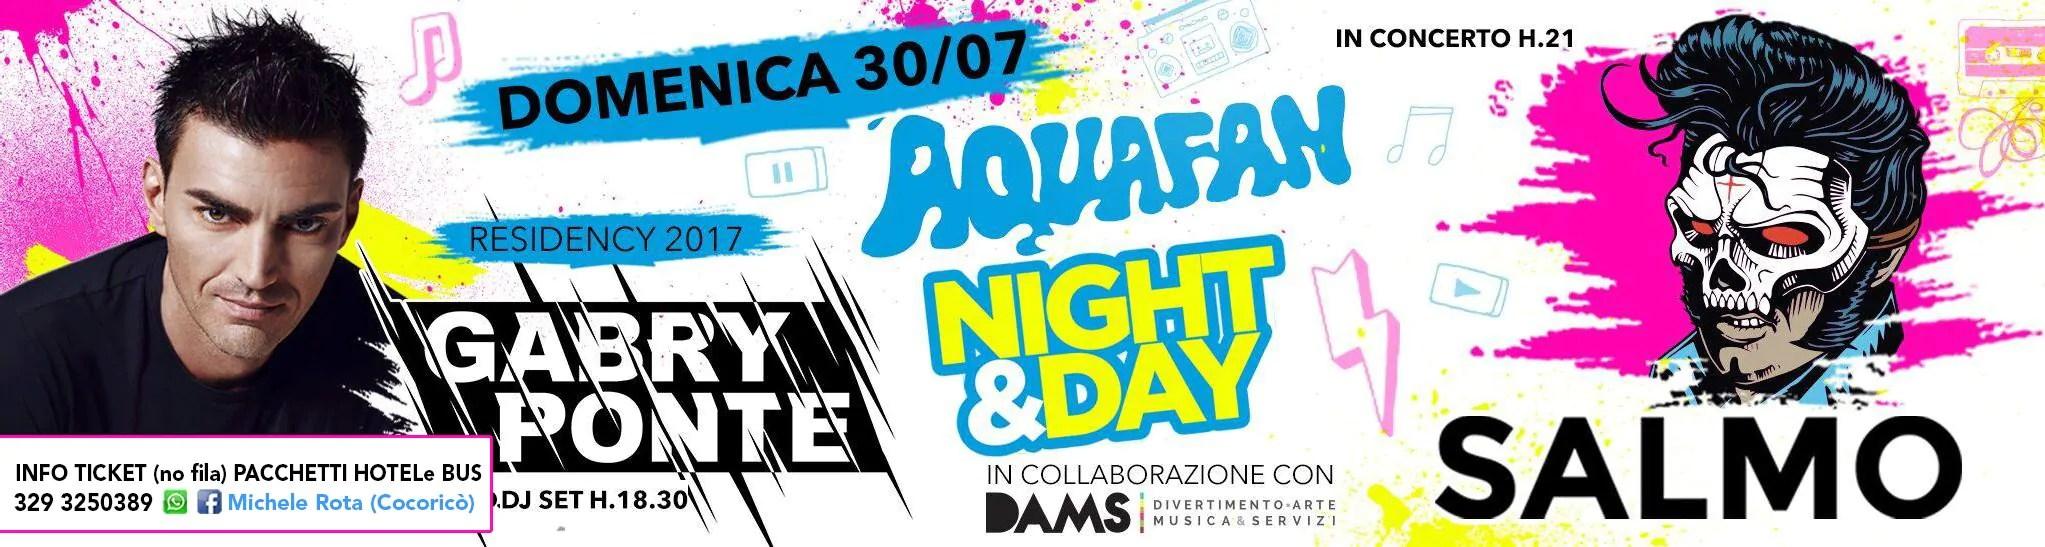 AQUAFAN RICCIONE SALMO in CONCERTO NIGHT & DAY SCHIUMA PARTY 30 07 2017 Prezzi Ticket Biglietti Prevendite Pacchetti Hotel Bus